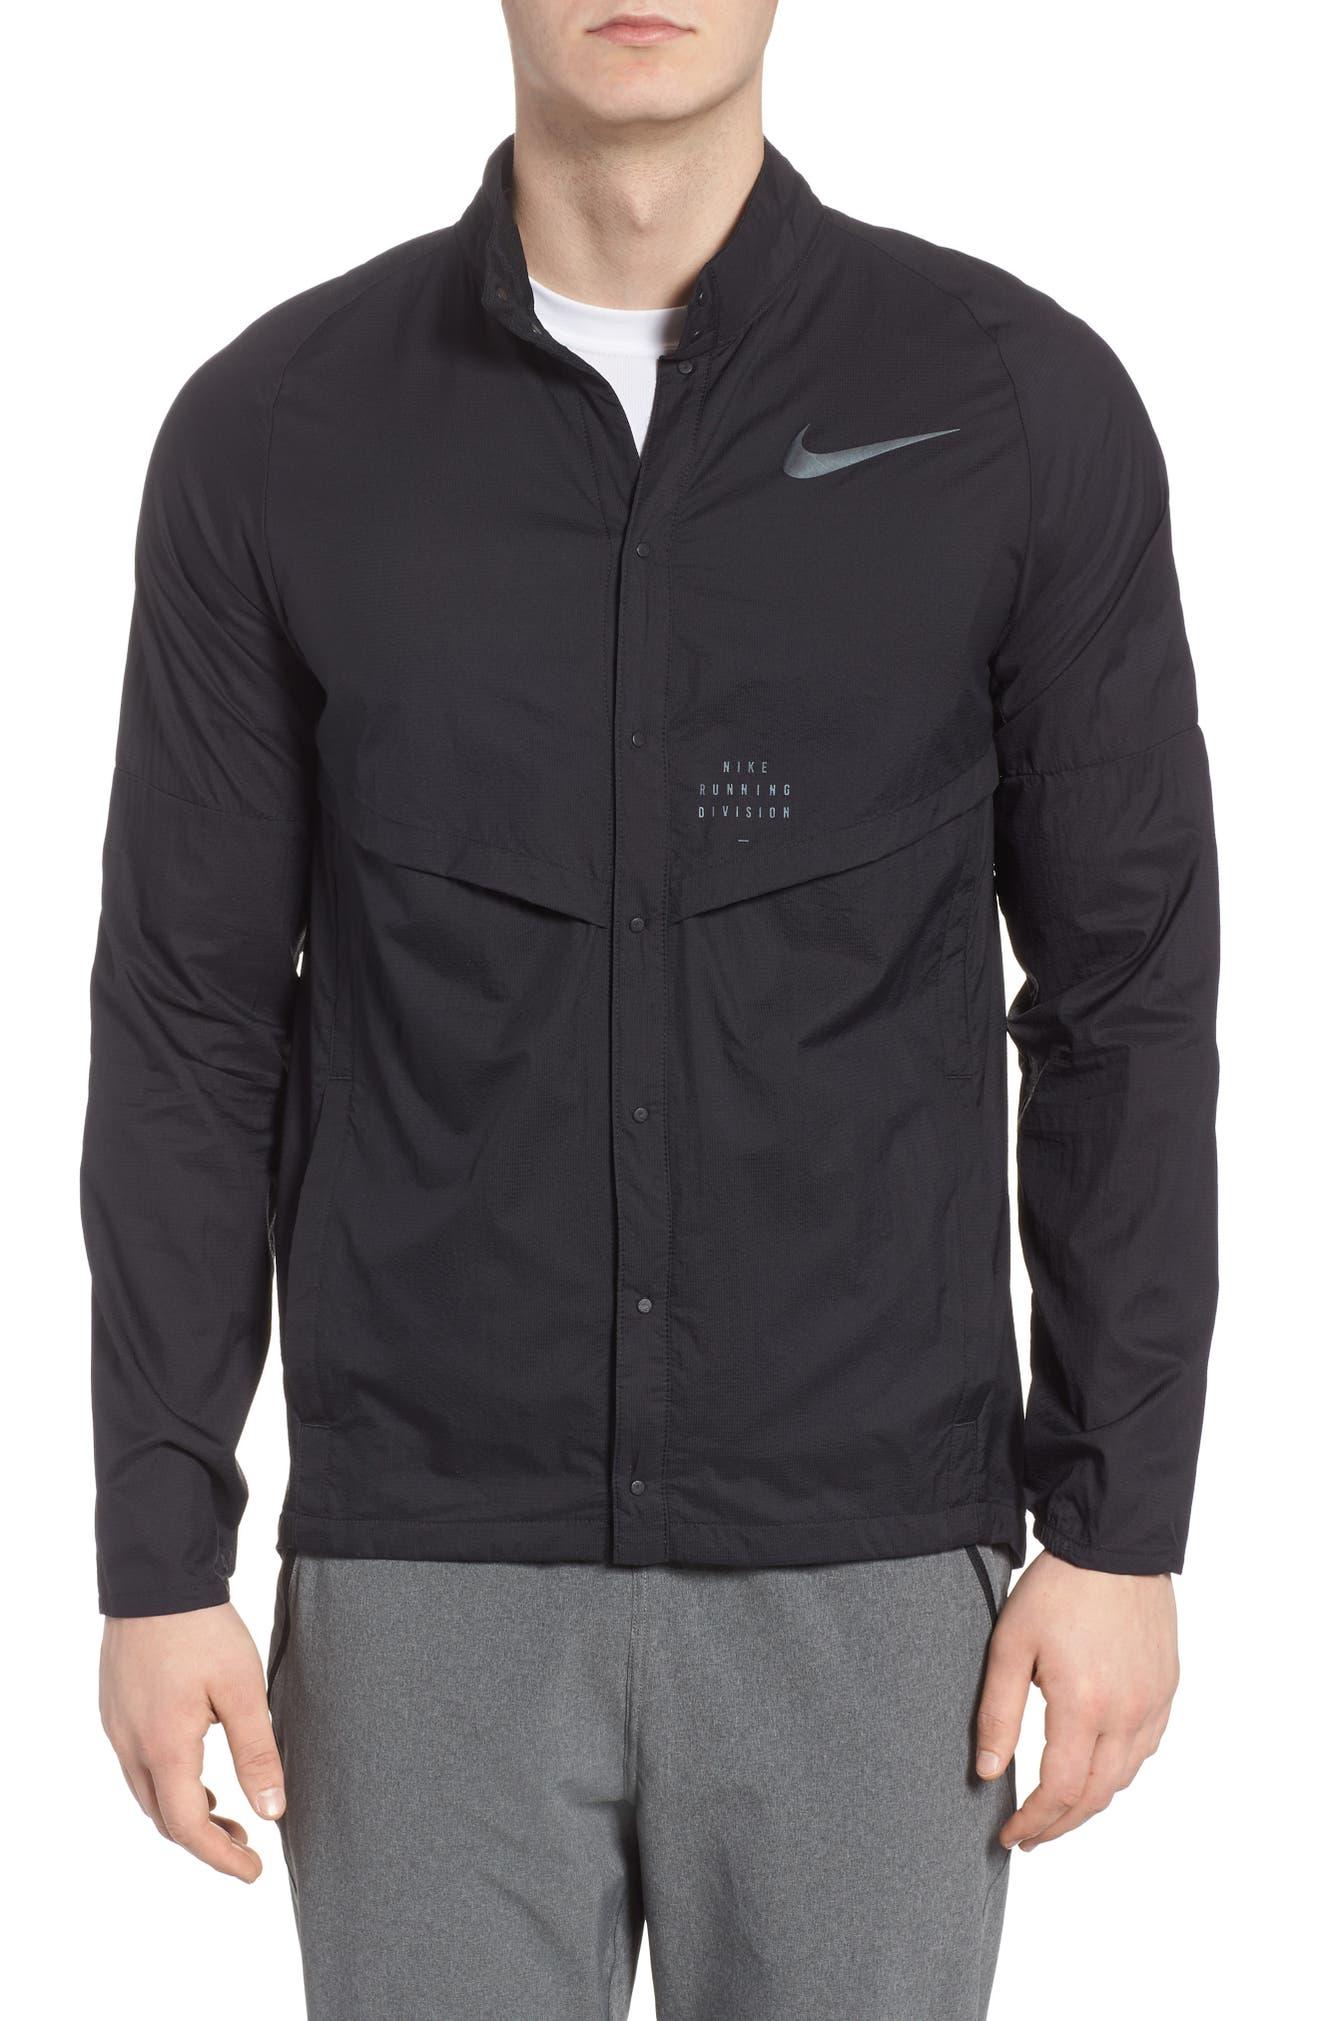 11a32511e8d049 Nike Run Division Jacket